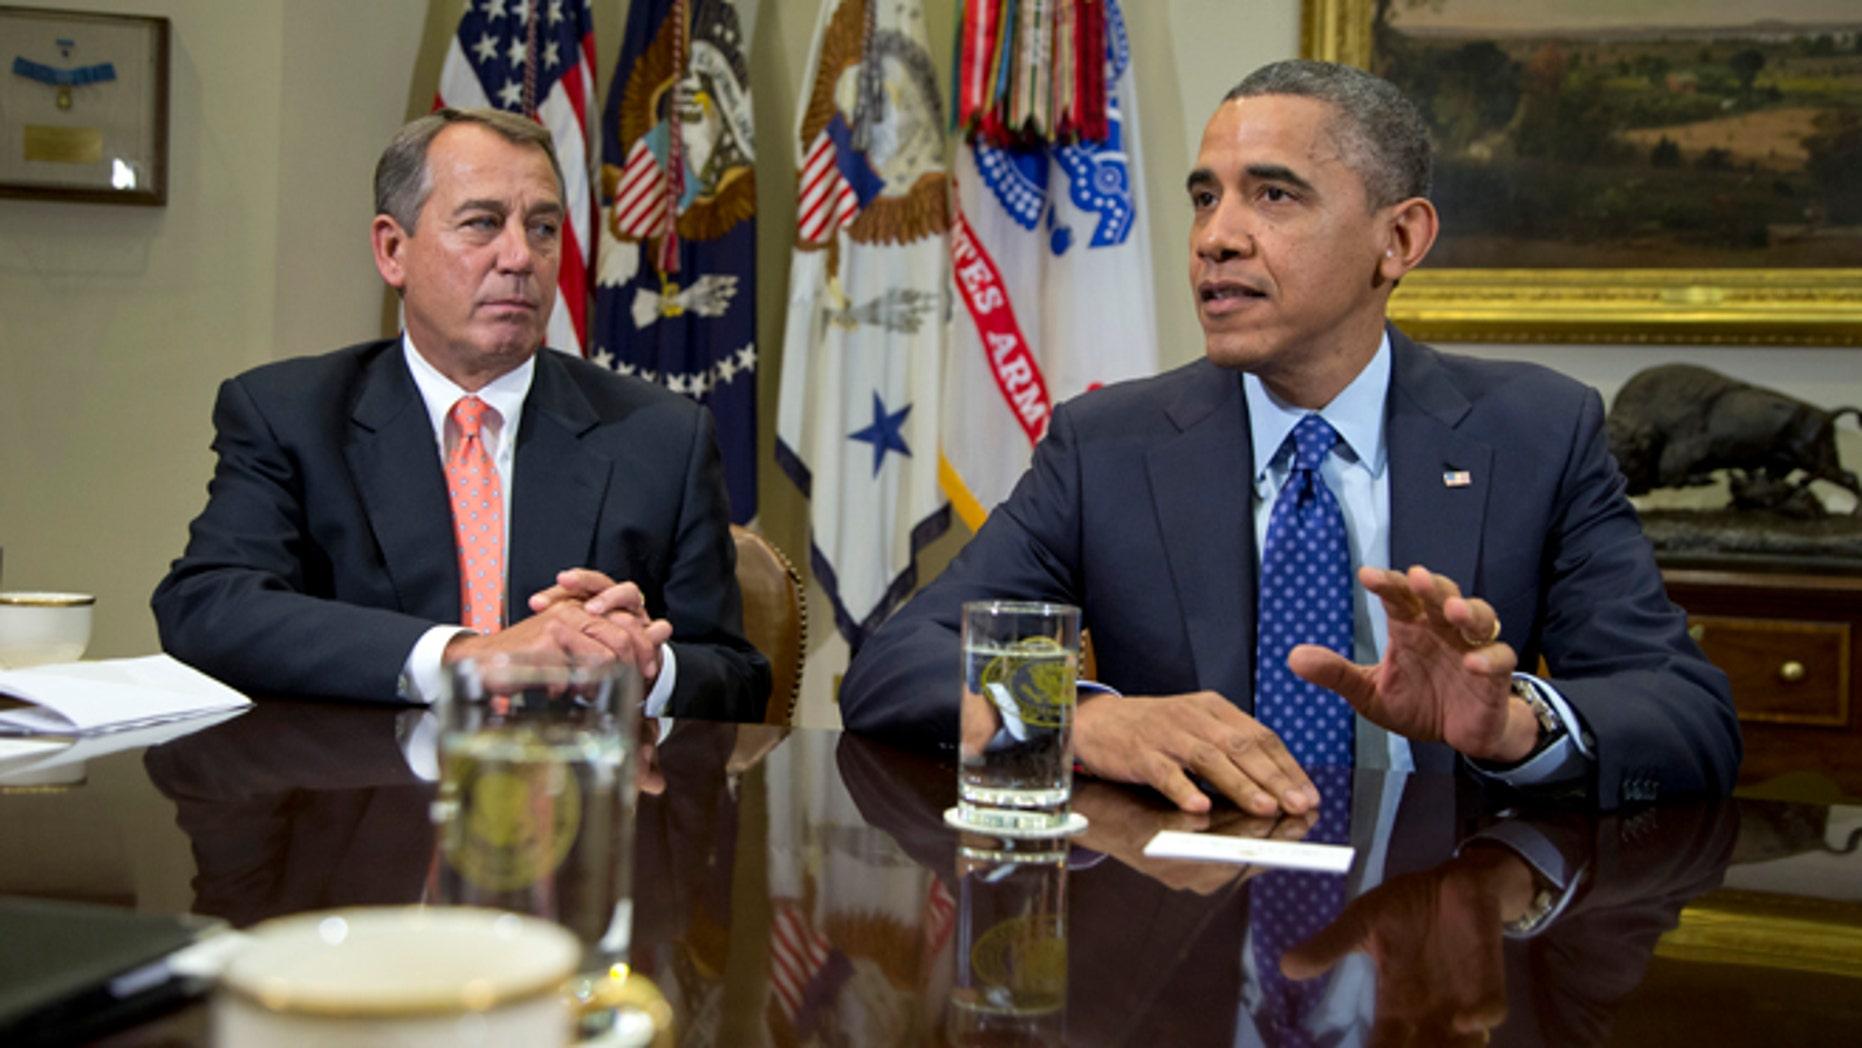 Nov. 16, 2012: President Barack Obama, accompanied by House Speaker John Boehner of Ohio, speaks to reporters in the Roosevelt Room of the White House in Washington.